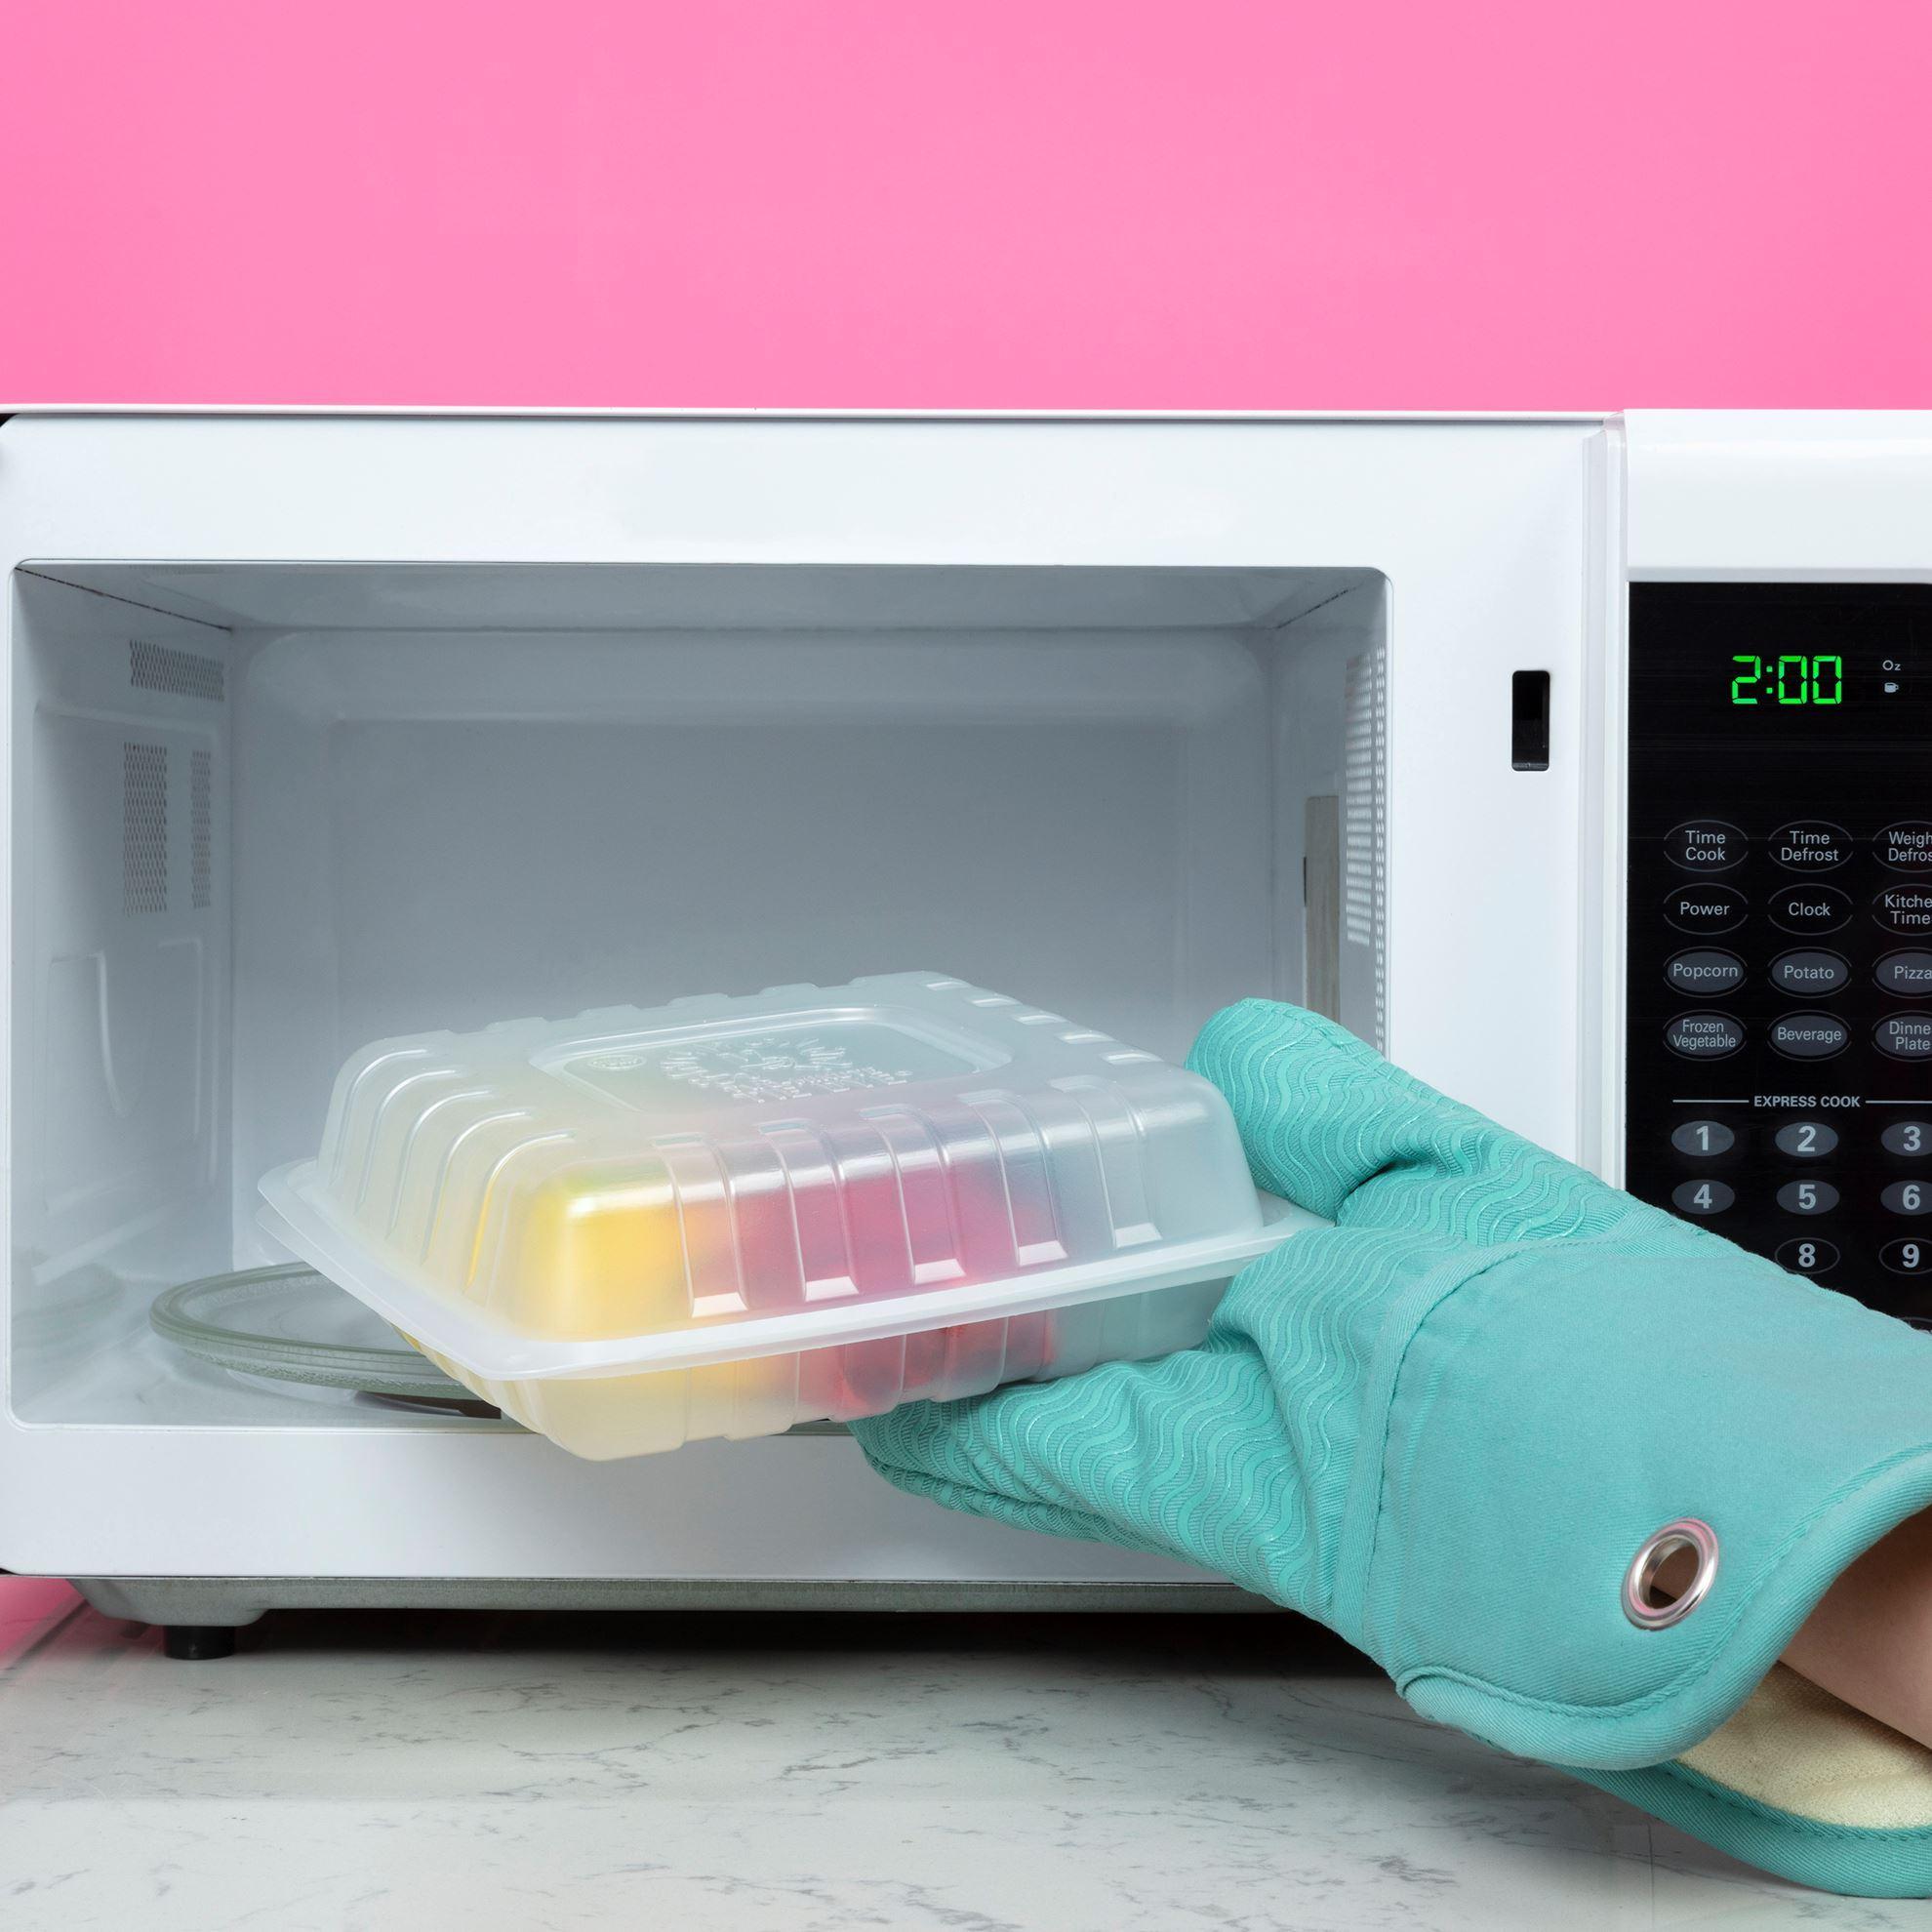 Tulip Two-Minute Tie Dye Kit microwave step